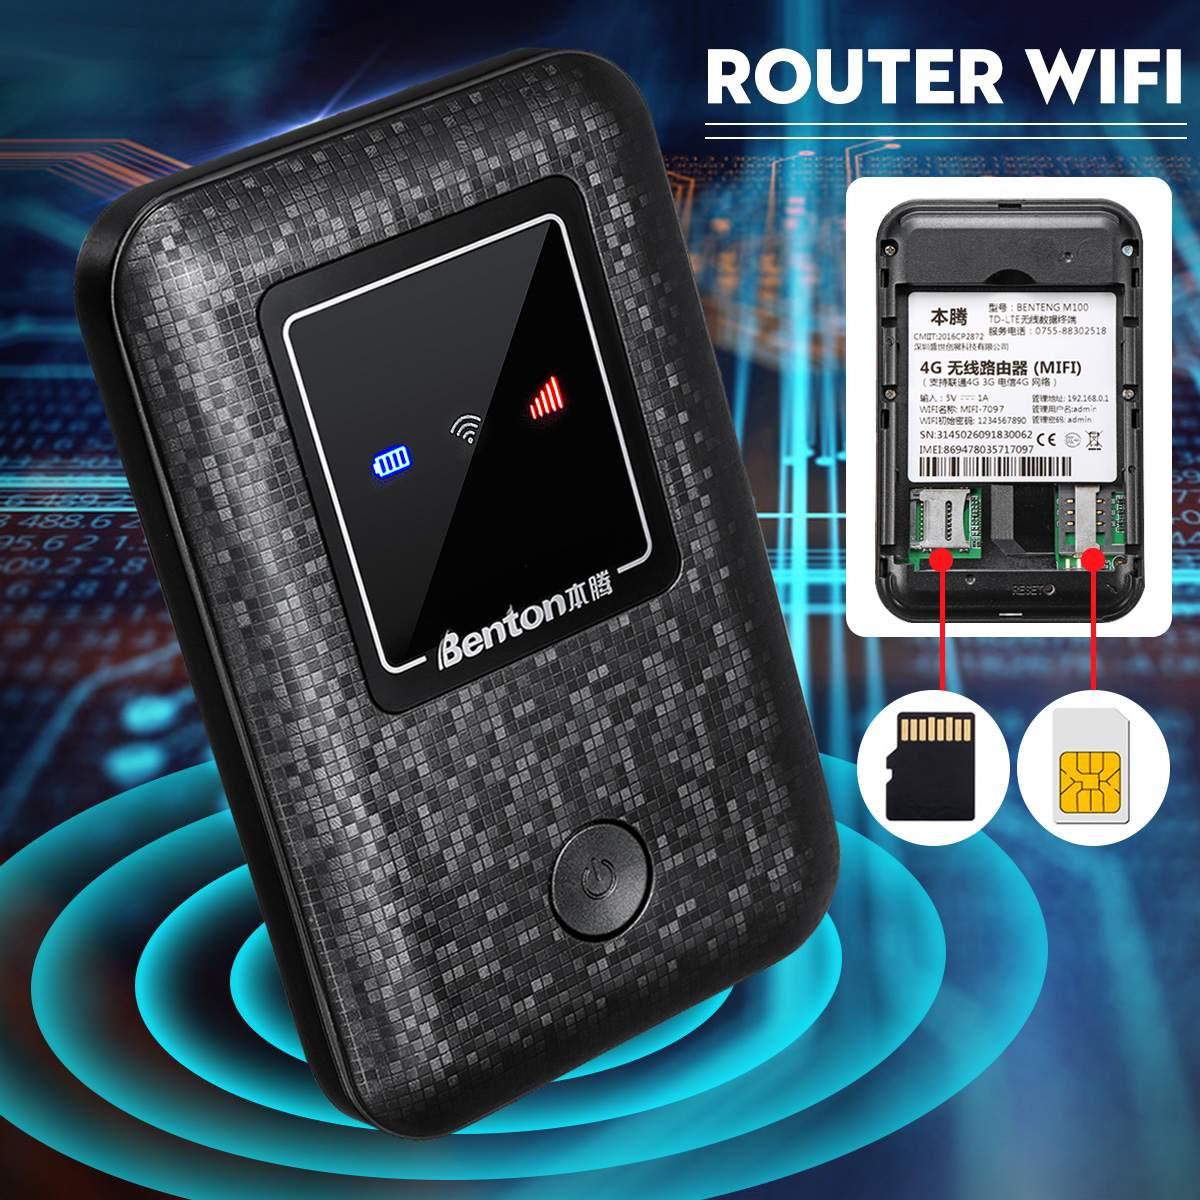 Modem Portable 150 Mbps 4G LTE routeur LTE routeur sans fil Mobile Wifi Hotspot carte SIM